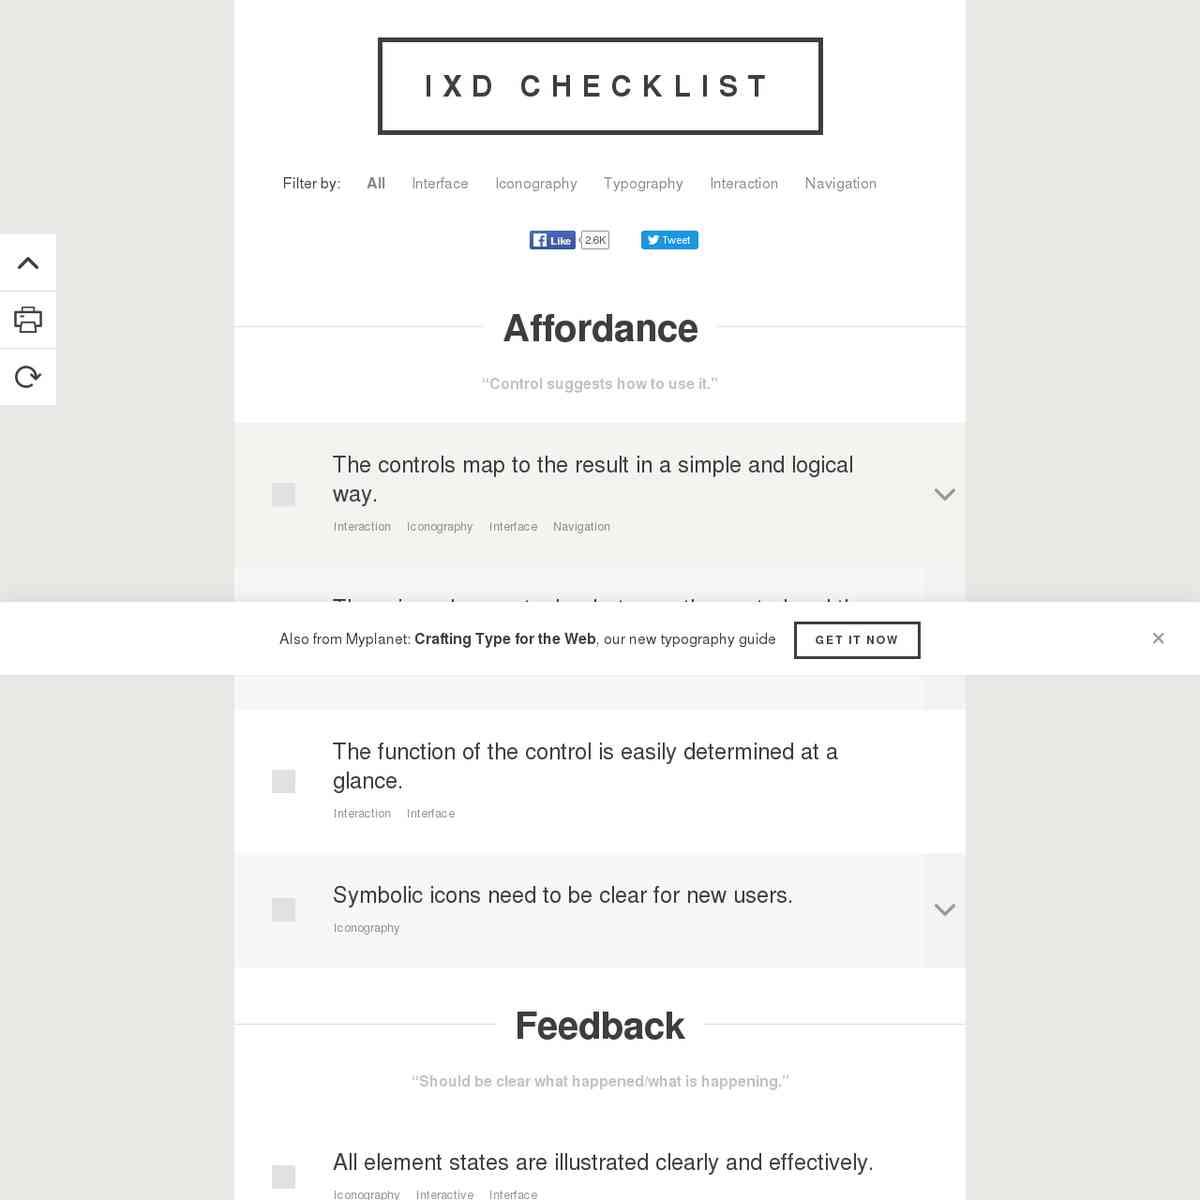 IxD (Interaction Design) Checklist - Myplanet